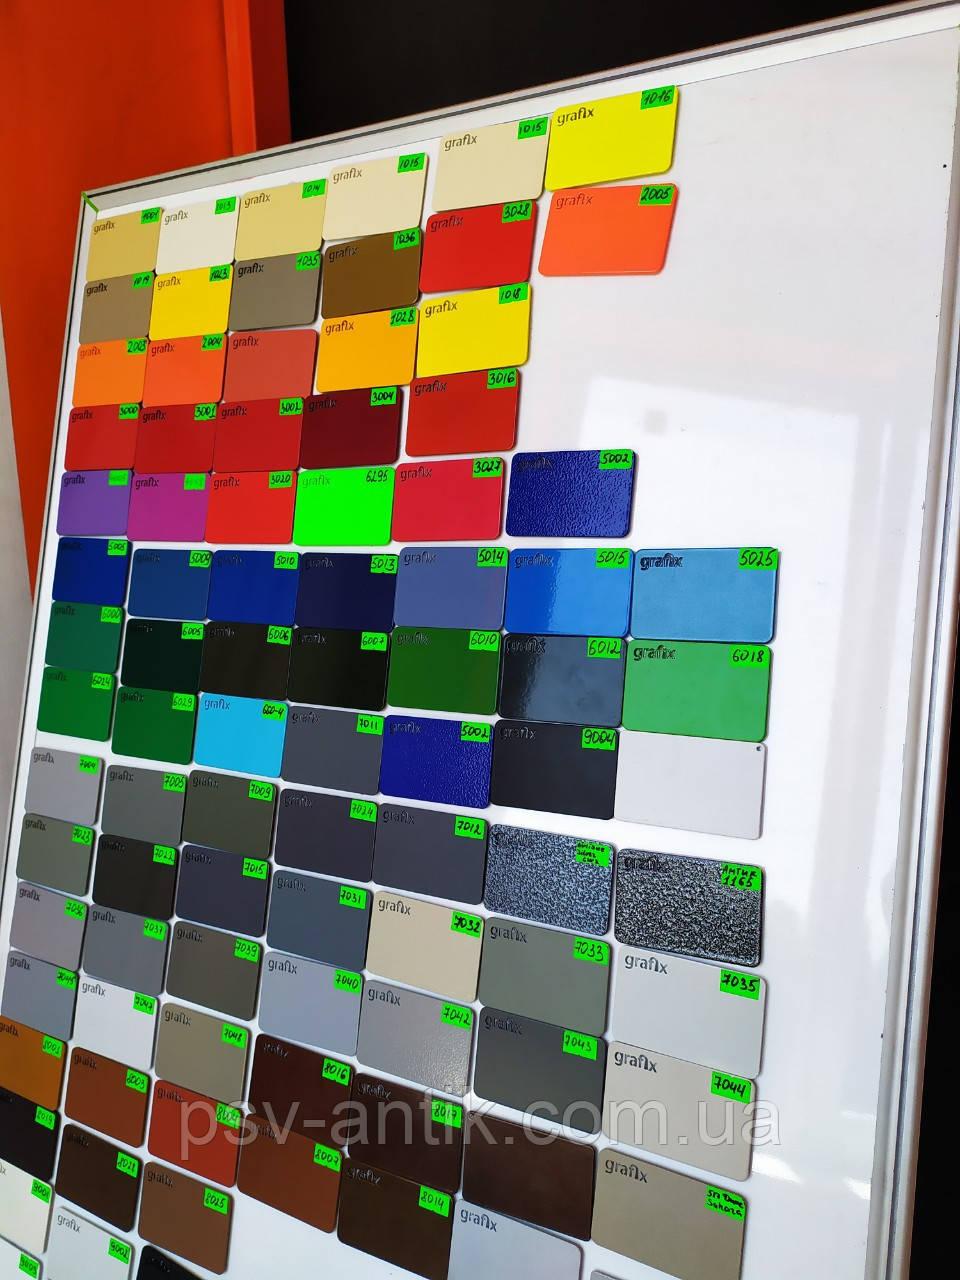 Порошковая краска матовая, полиэфирная, архитектурная, DB703